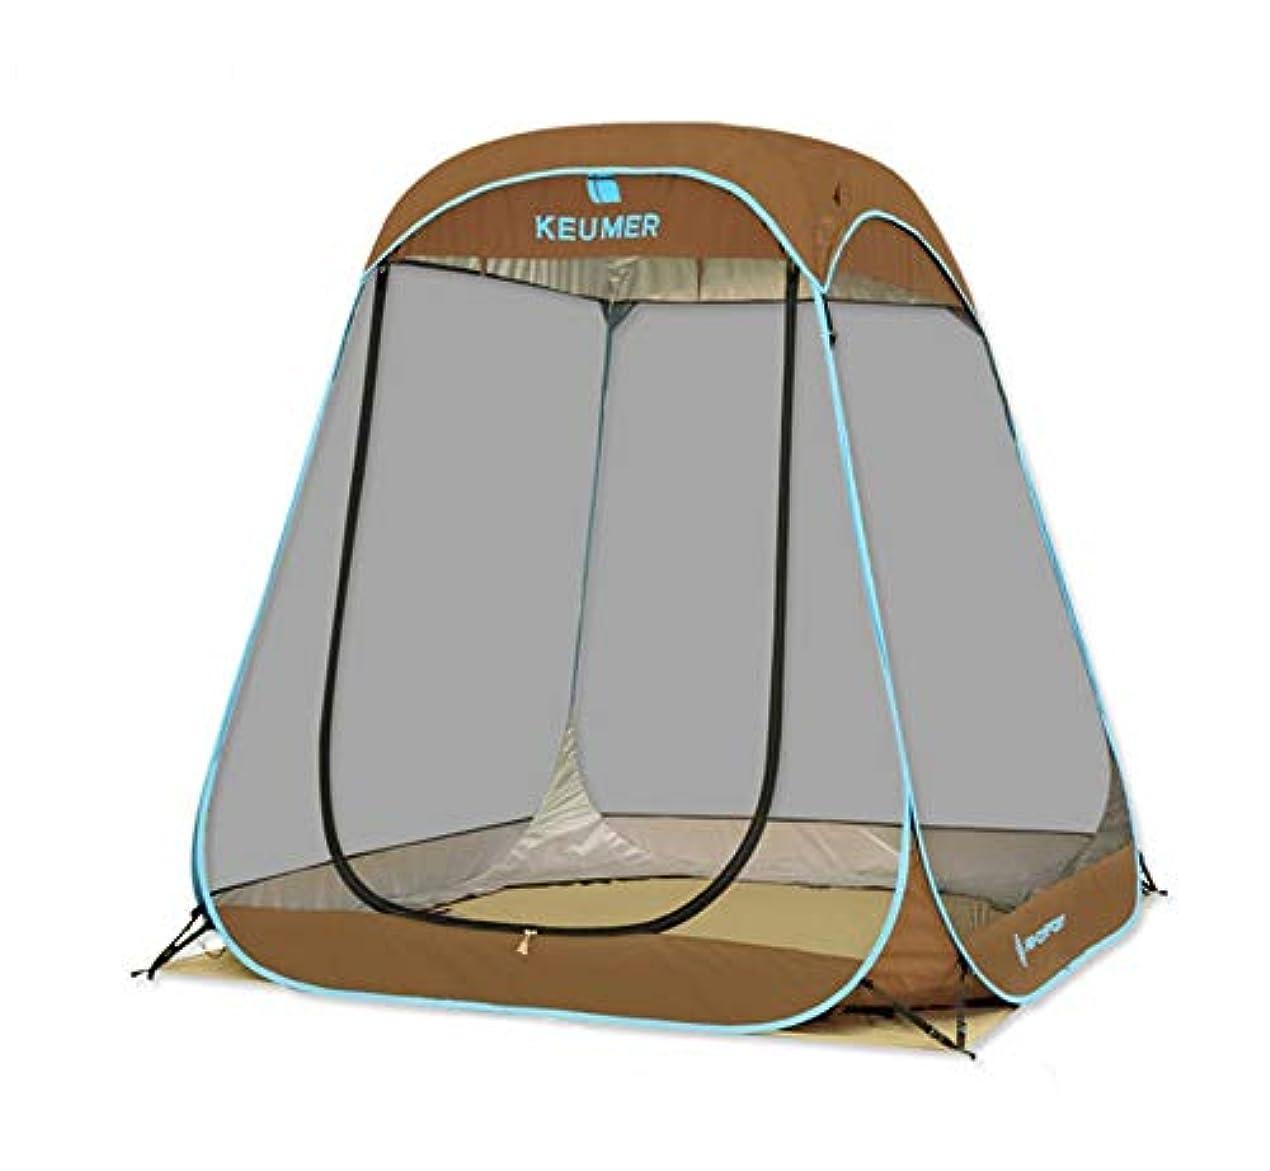 噴火東部タンカーKEUMER ポップアップテント 全面メッシュ 通気性抜群 UVカット 200*200*190cm 4-6人用 公園 キャンプ ビーチ お釣り用 レジャーテント